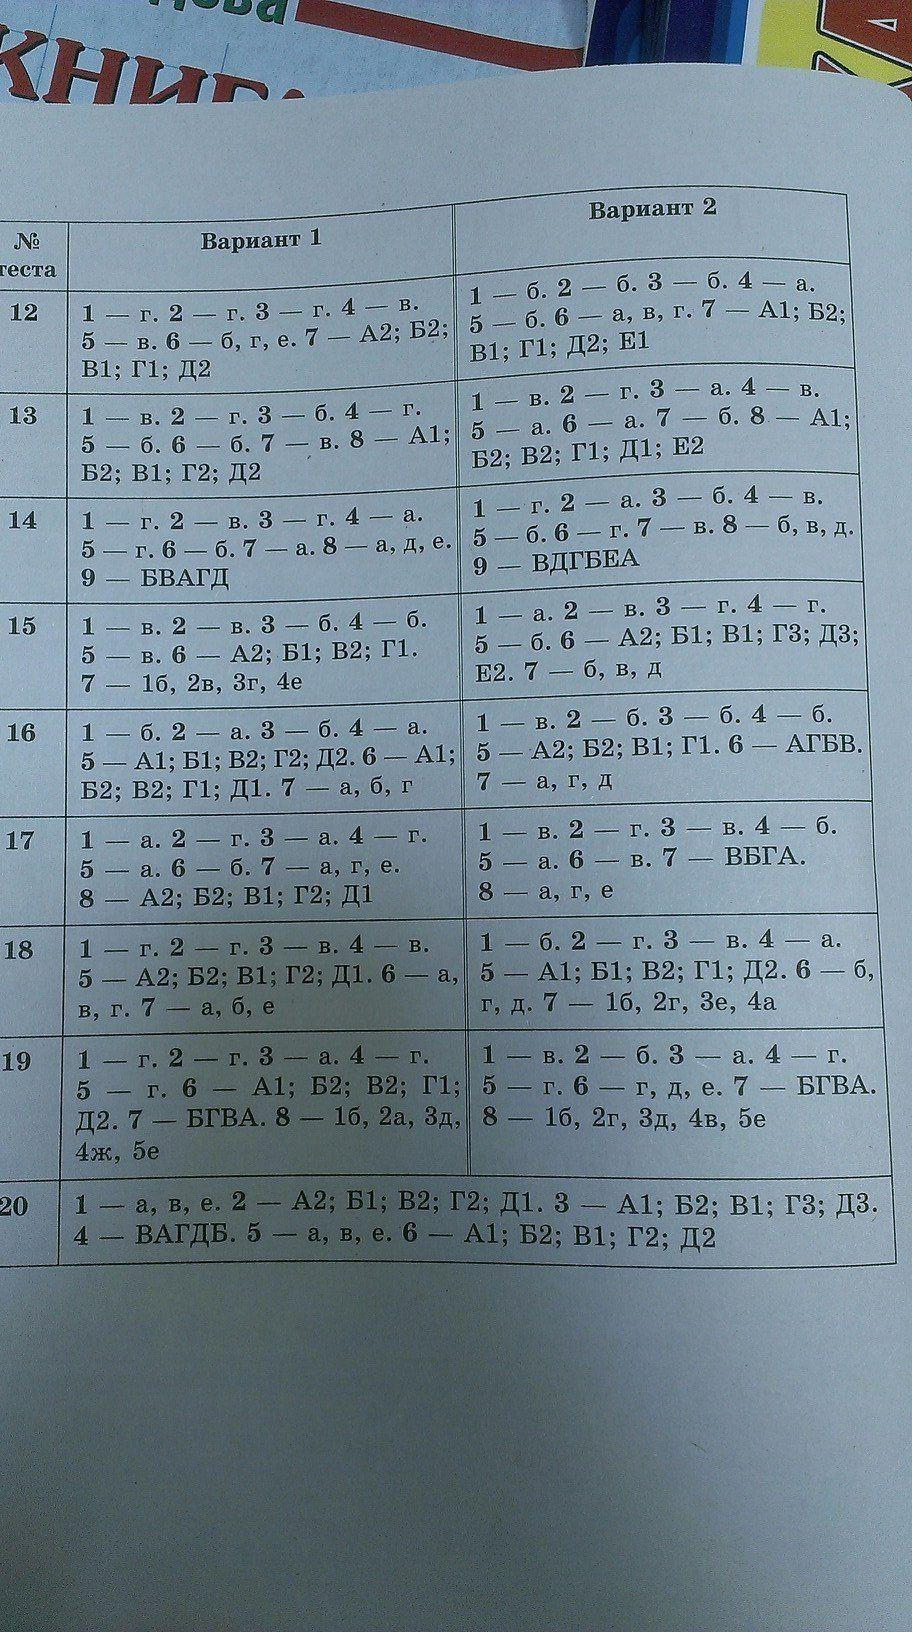 Тесты пр биологии за 9 класс м с гекалюк